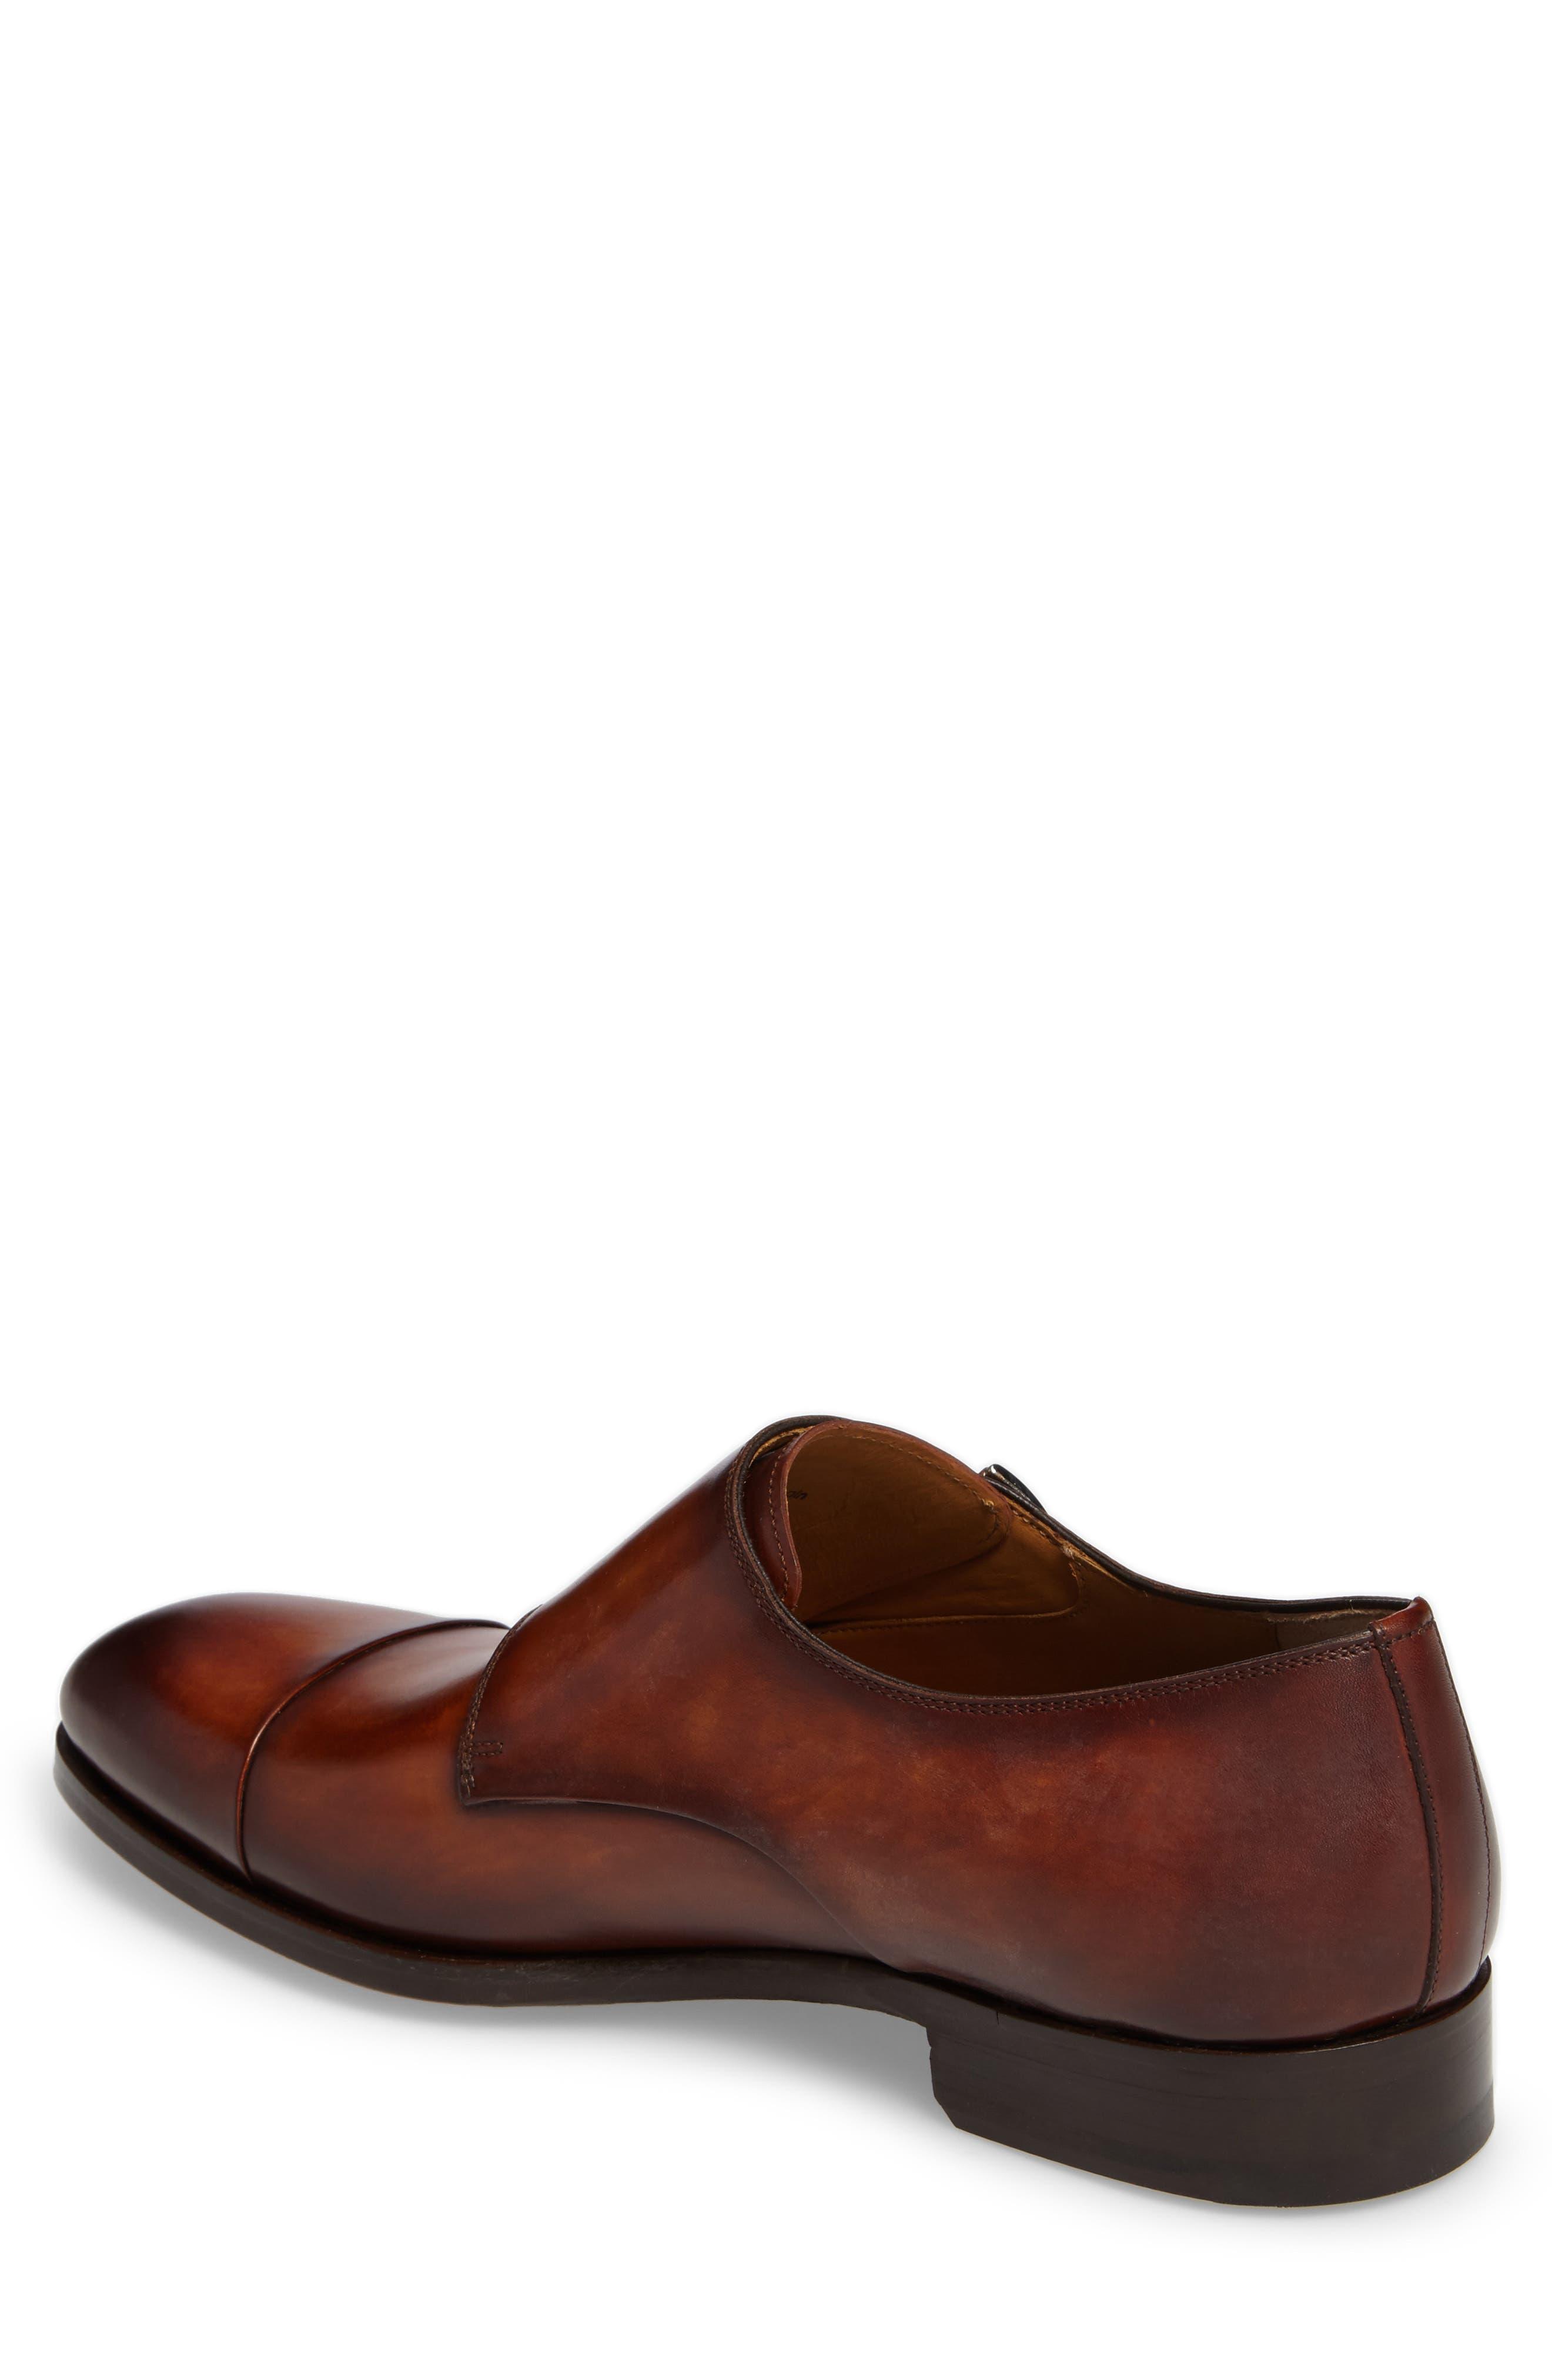 Louie Double Monk Strap Shoe,                             Alternate thumbnail 2, color,                             COGNAC LEATHER